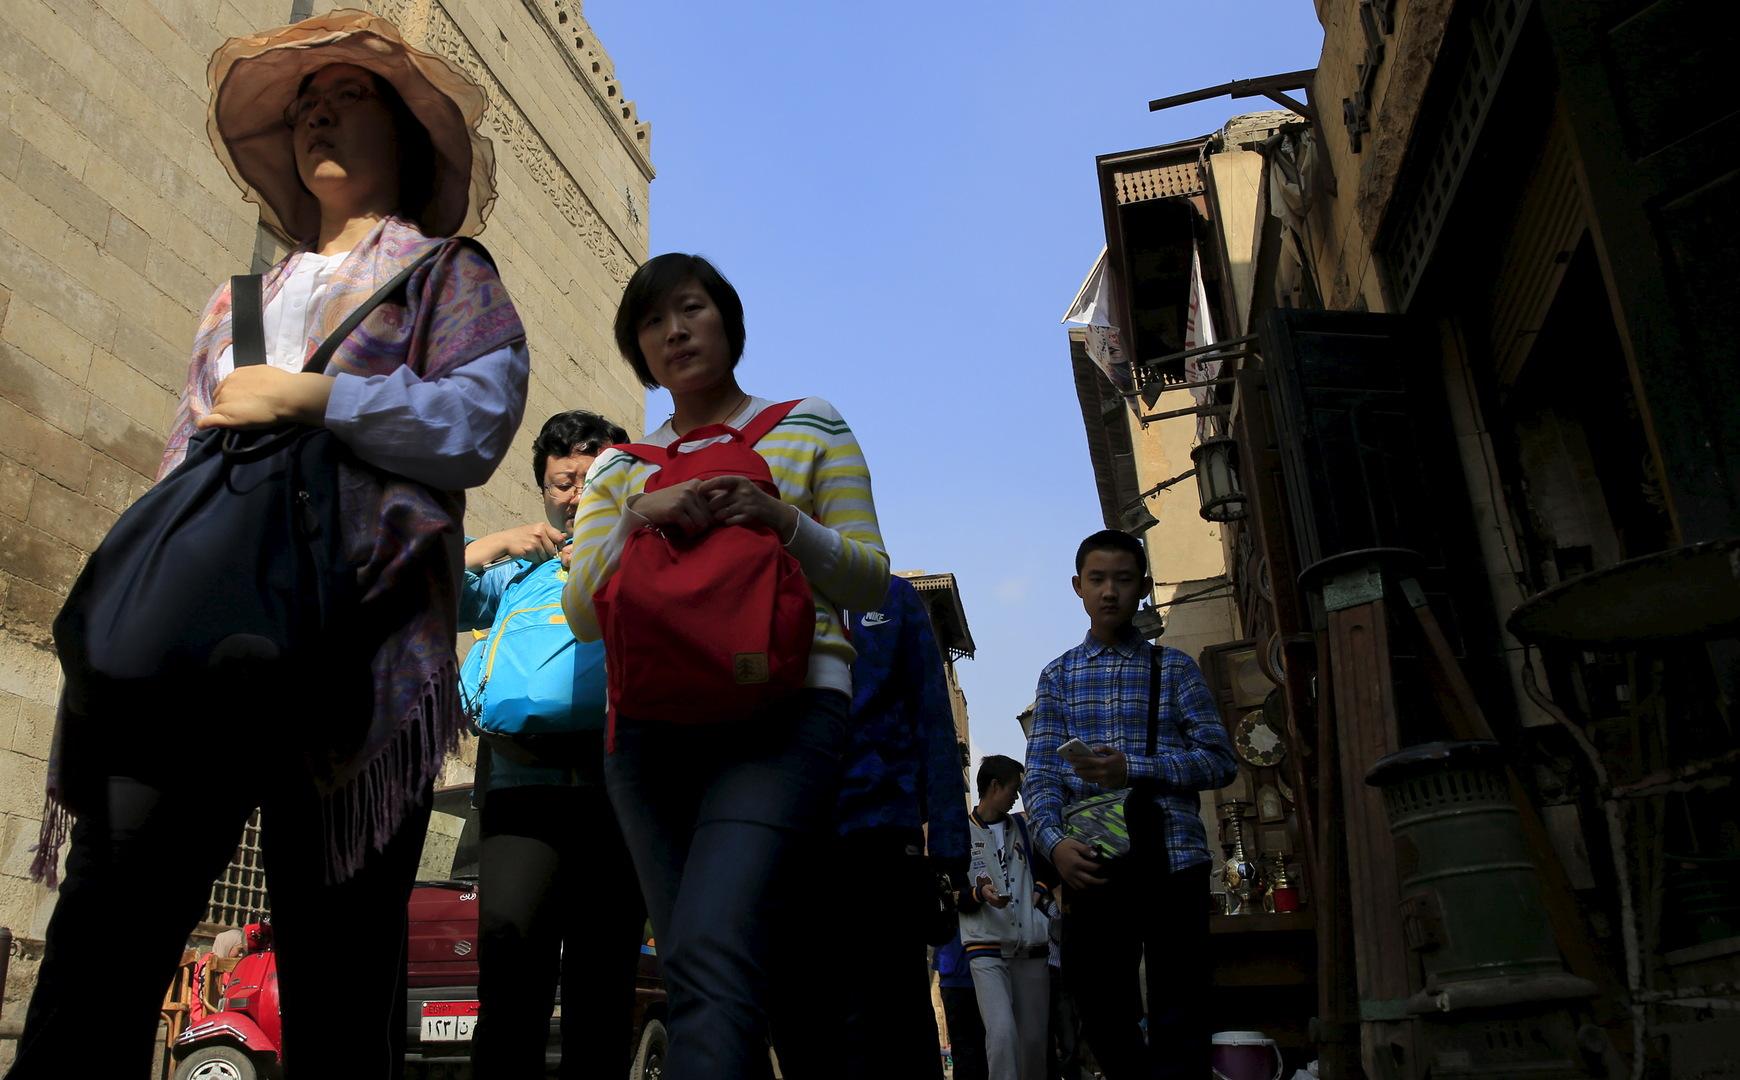 سفير الصين لدى مصر يعلن ترحيل كافة السياح الصينيين خلال 5 أيام